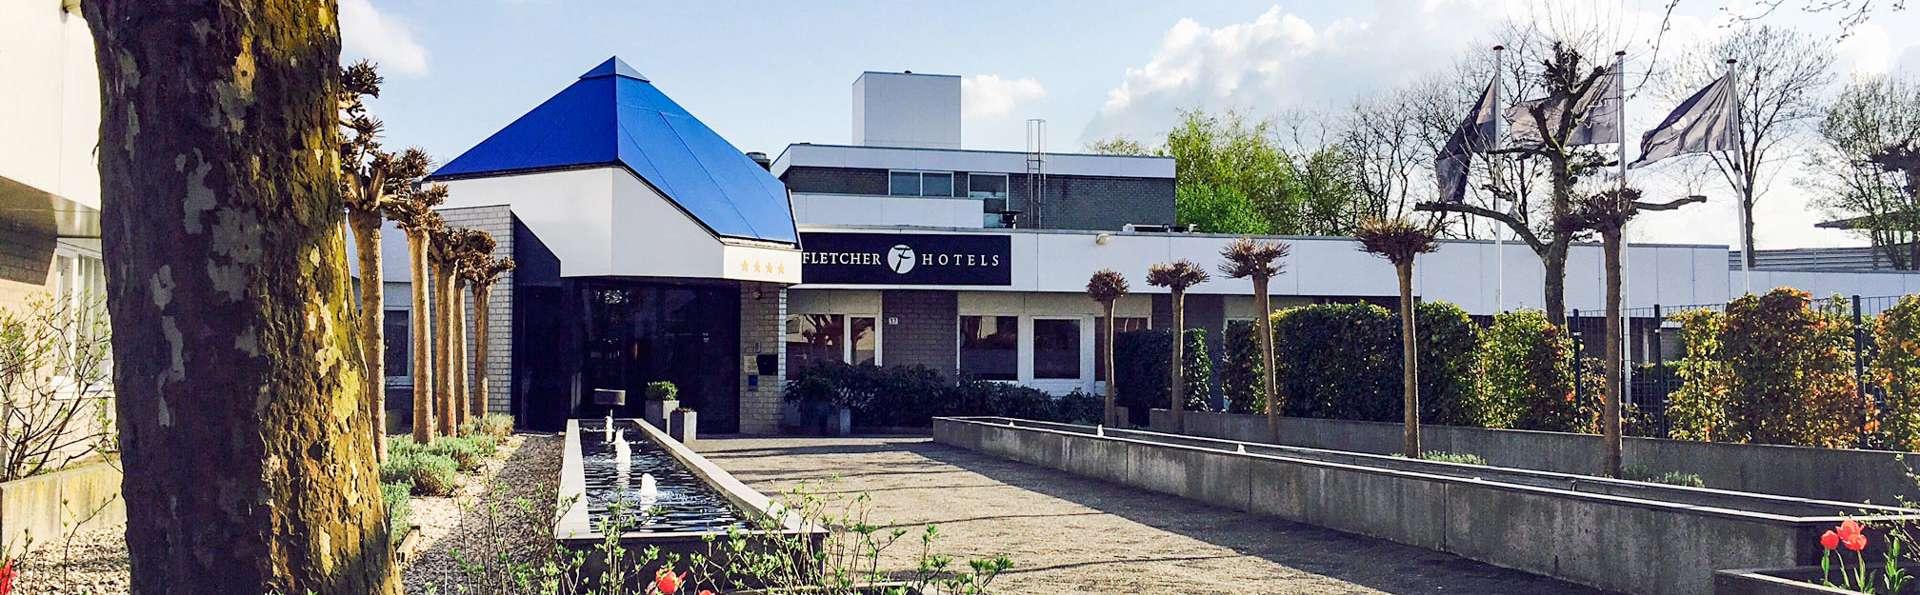 Fletcher Resort-Hotel Zutphen - EDIT_N2_FRONT_01.jpg